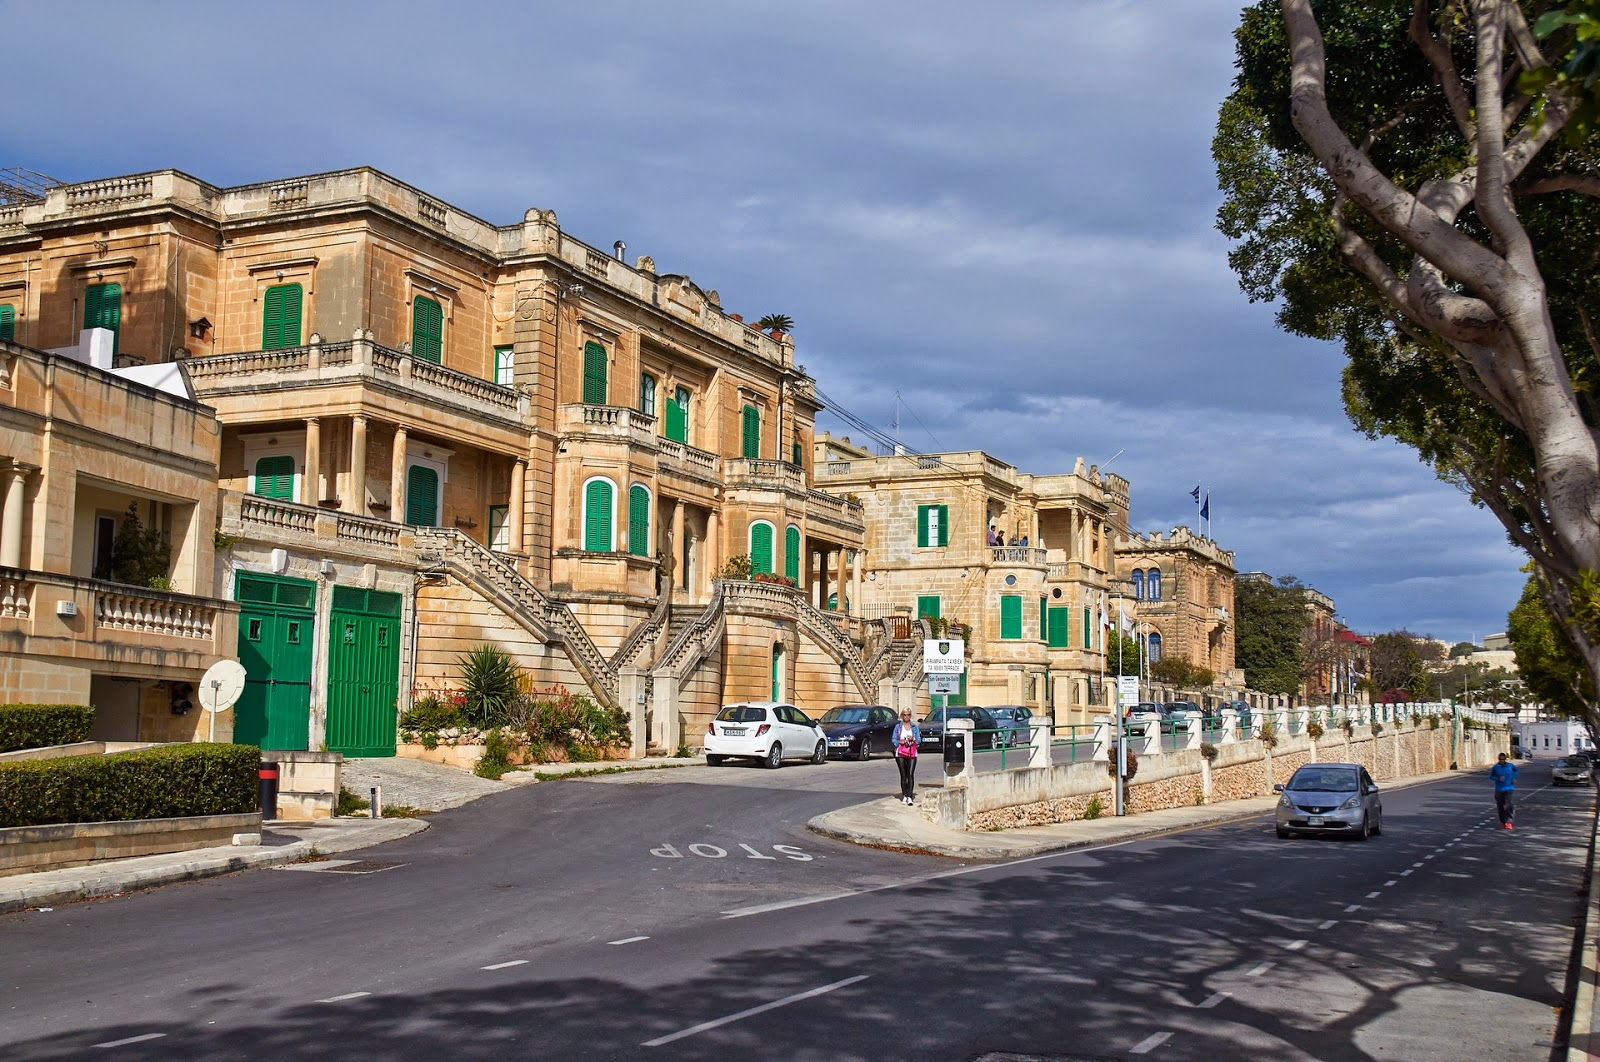 Malta w kwietniu poza sezonem jaka pogoda?